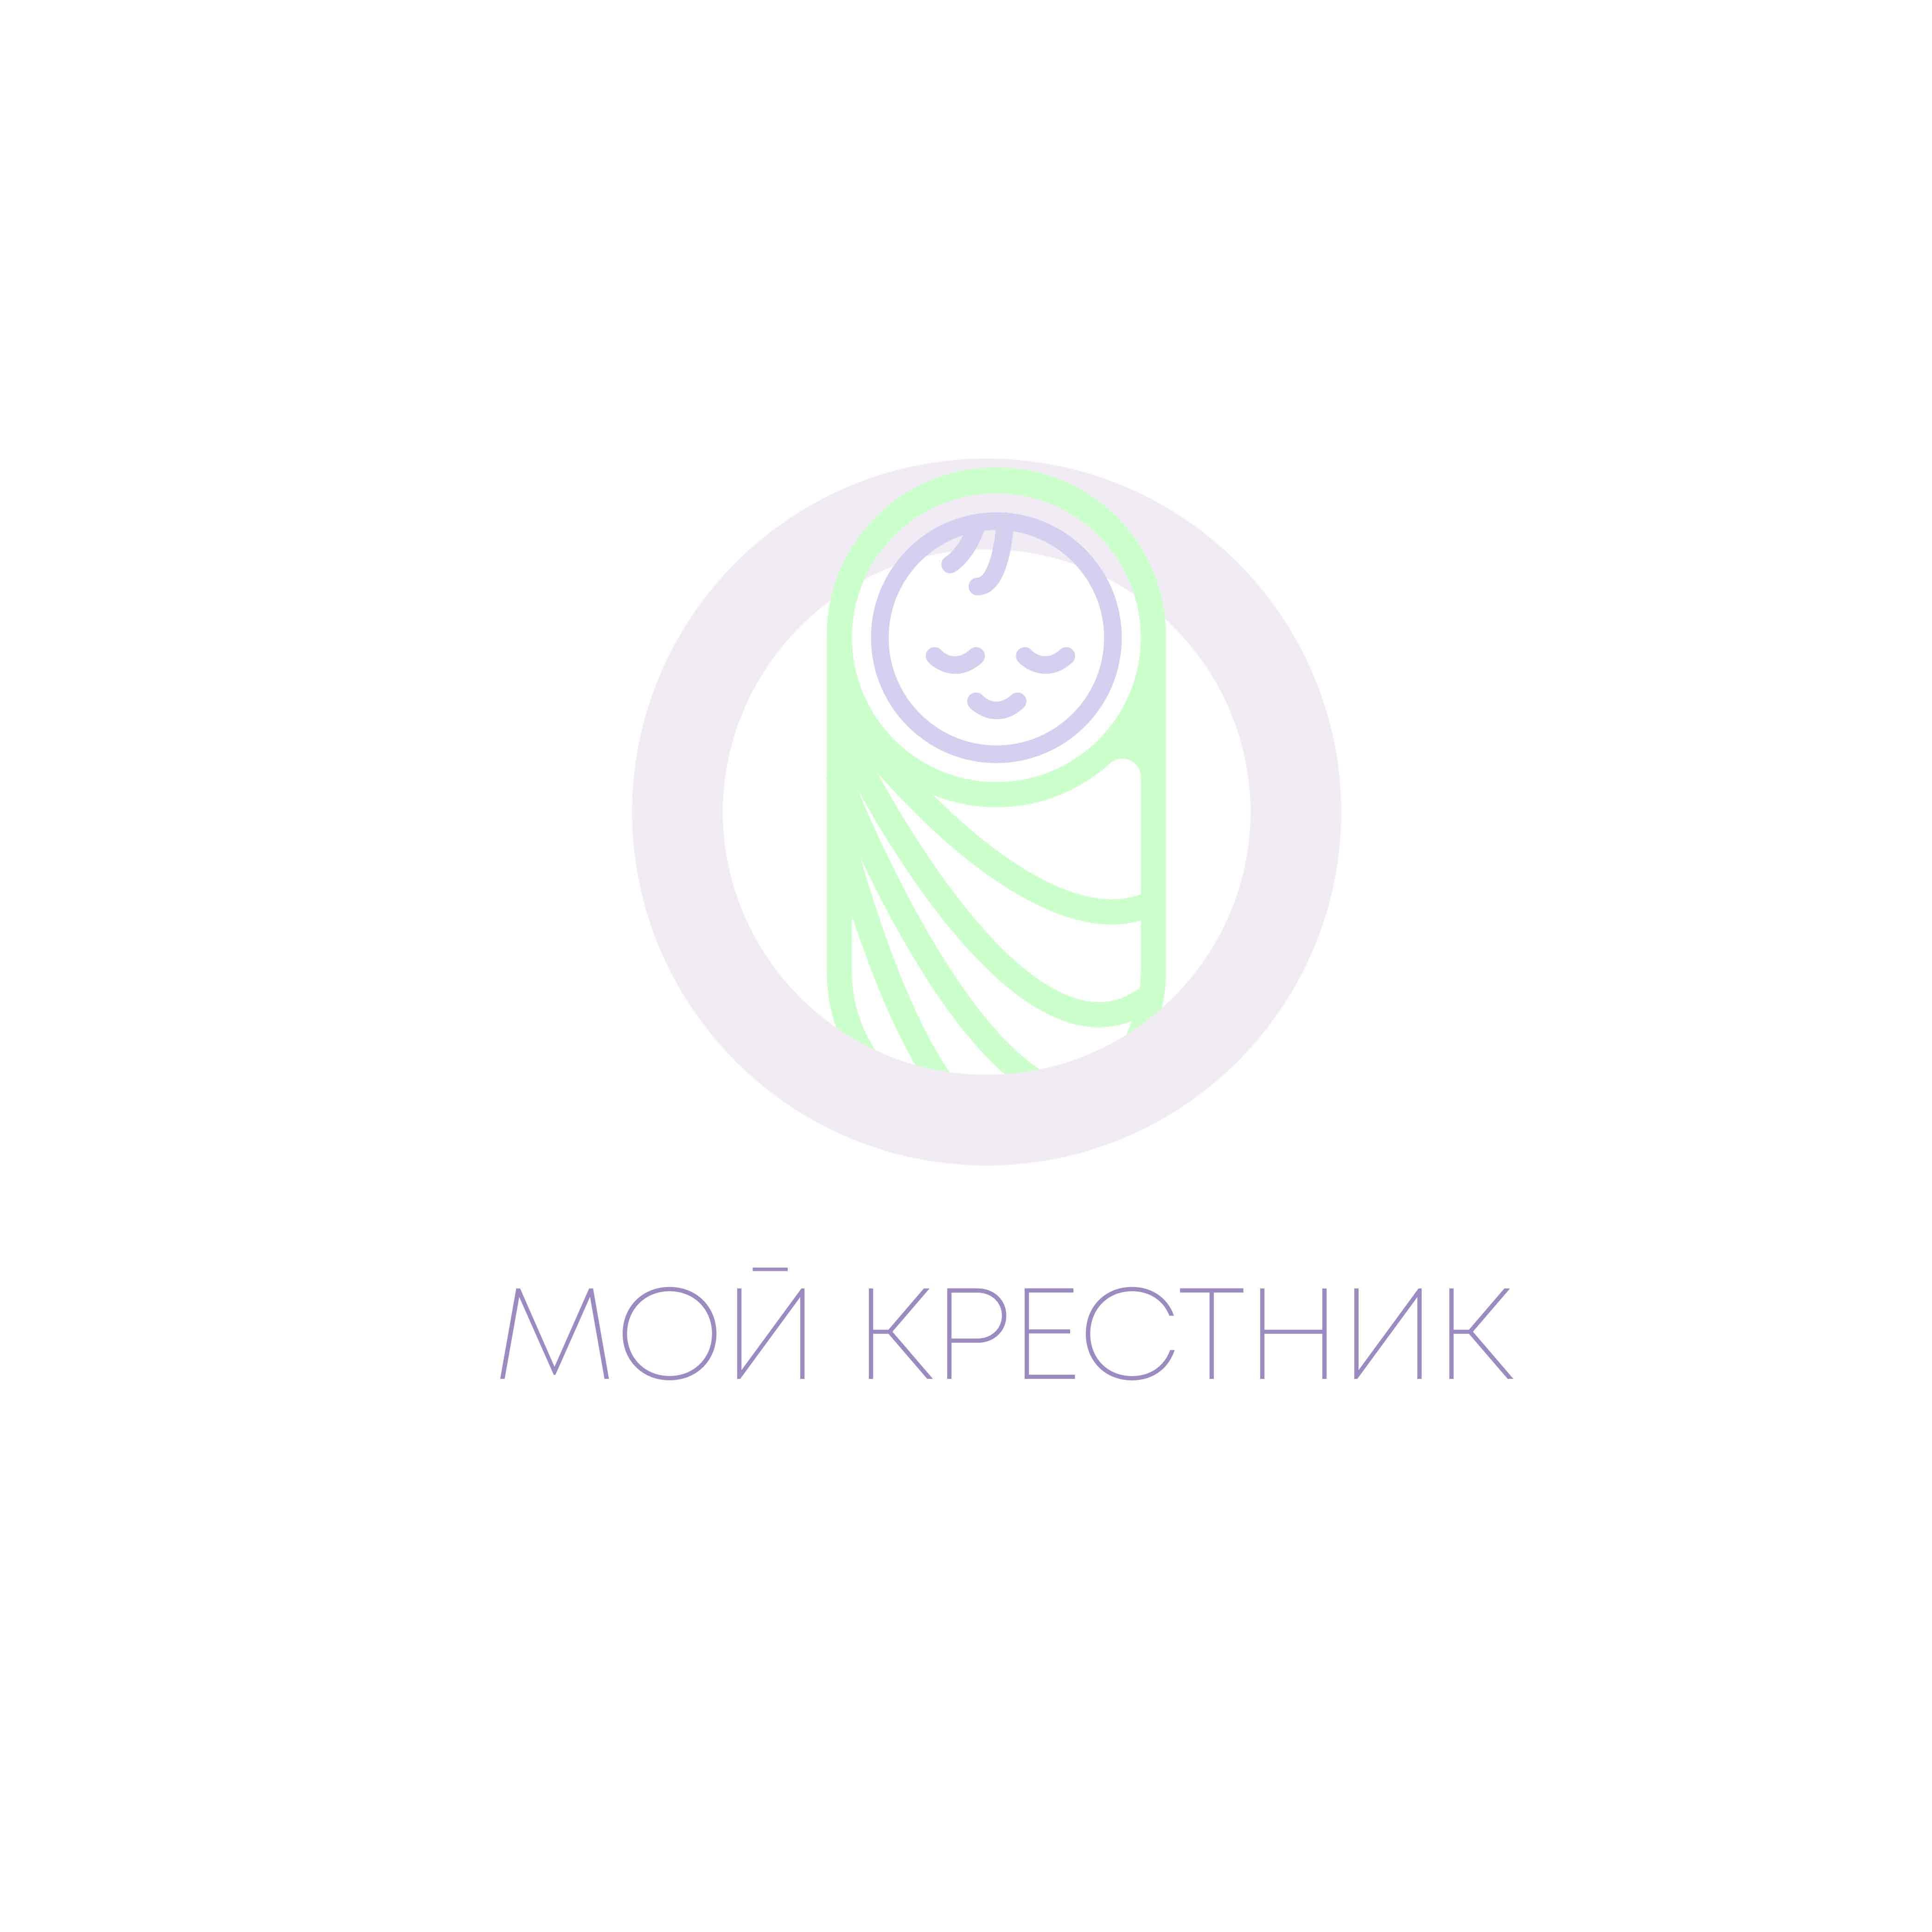 Логотип для крестильной одежды(детской). фото f_4545d51376a2e5c7.jpg